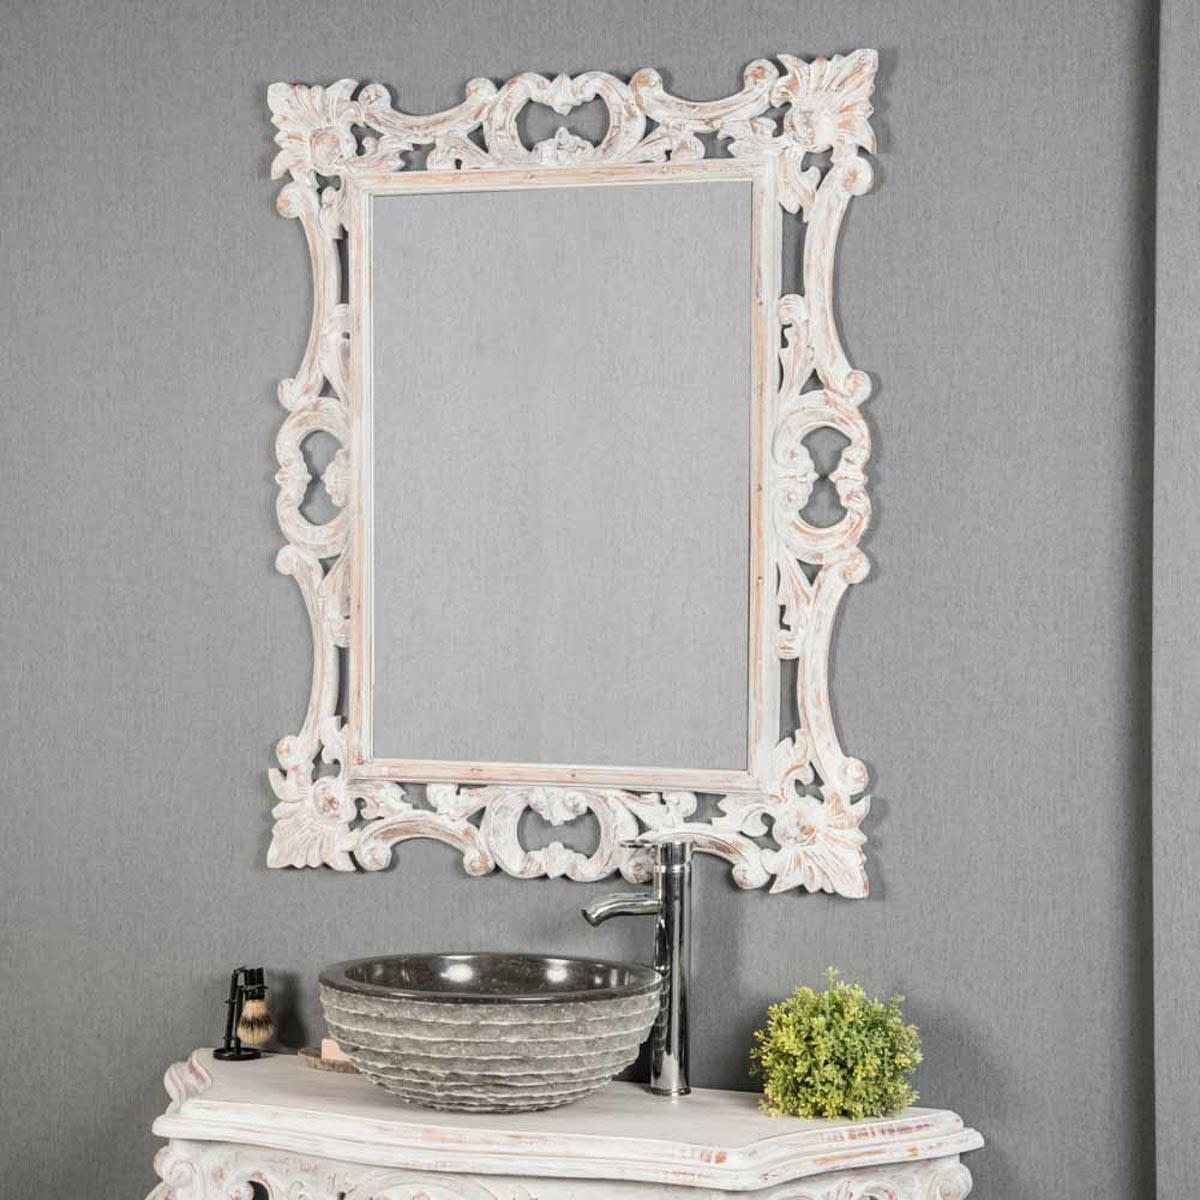 Miroir de d coration en bois massif baroque for Miroir bois blanc